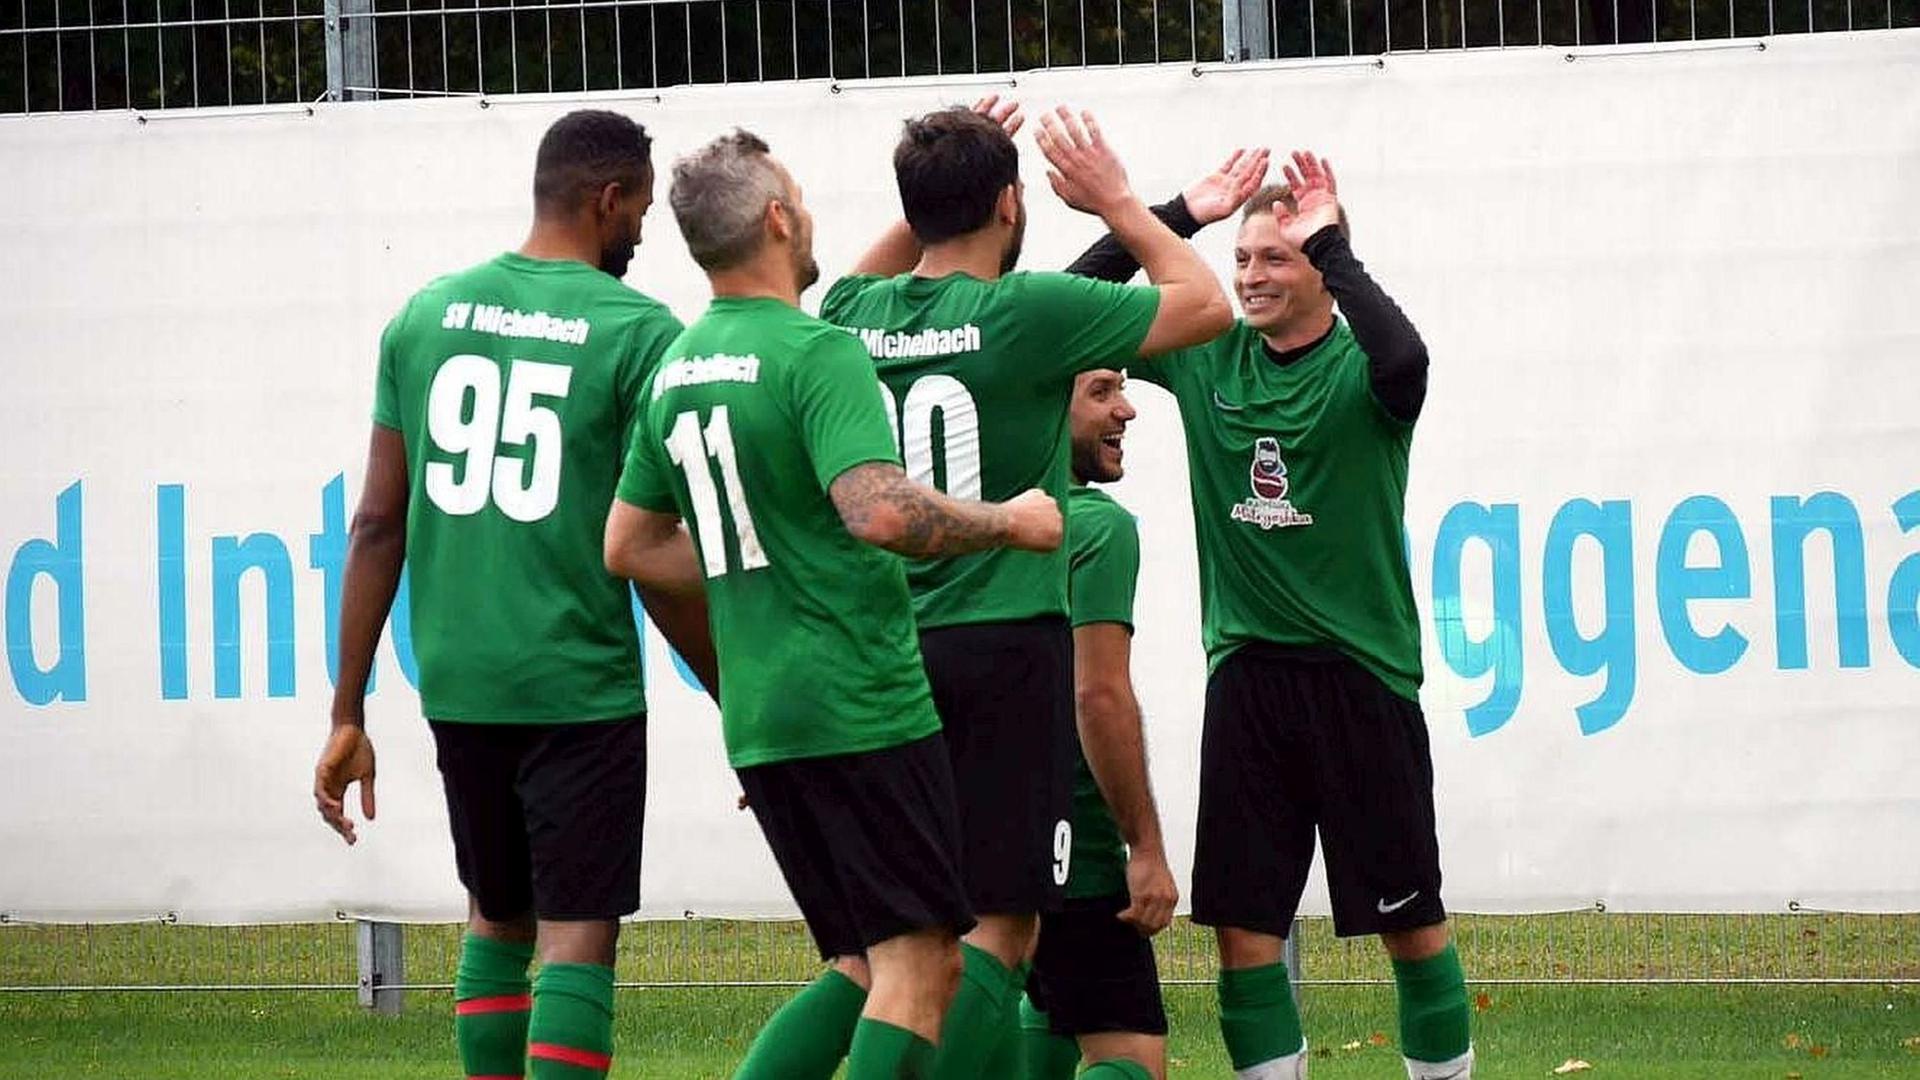 Torjubel beim SV Michelbach: Kevin Schlindwein (rechts) erzielte in der abgebrochenen Saison 2020/21 elf Tore und war damit der treffsicherste Goalgetter im Fußballbezirk Baden-Baden.